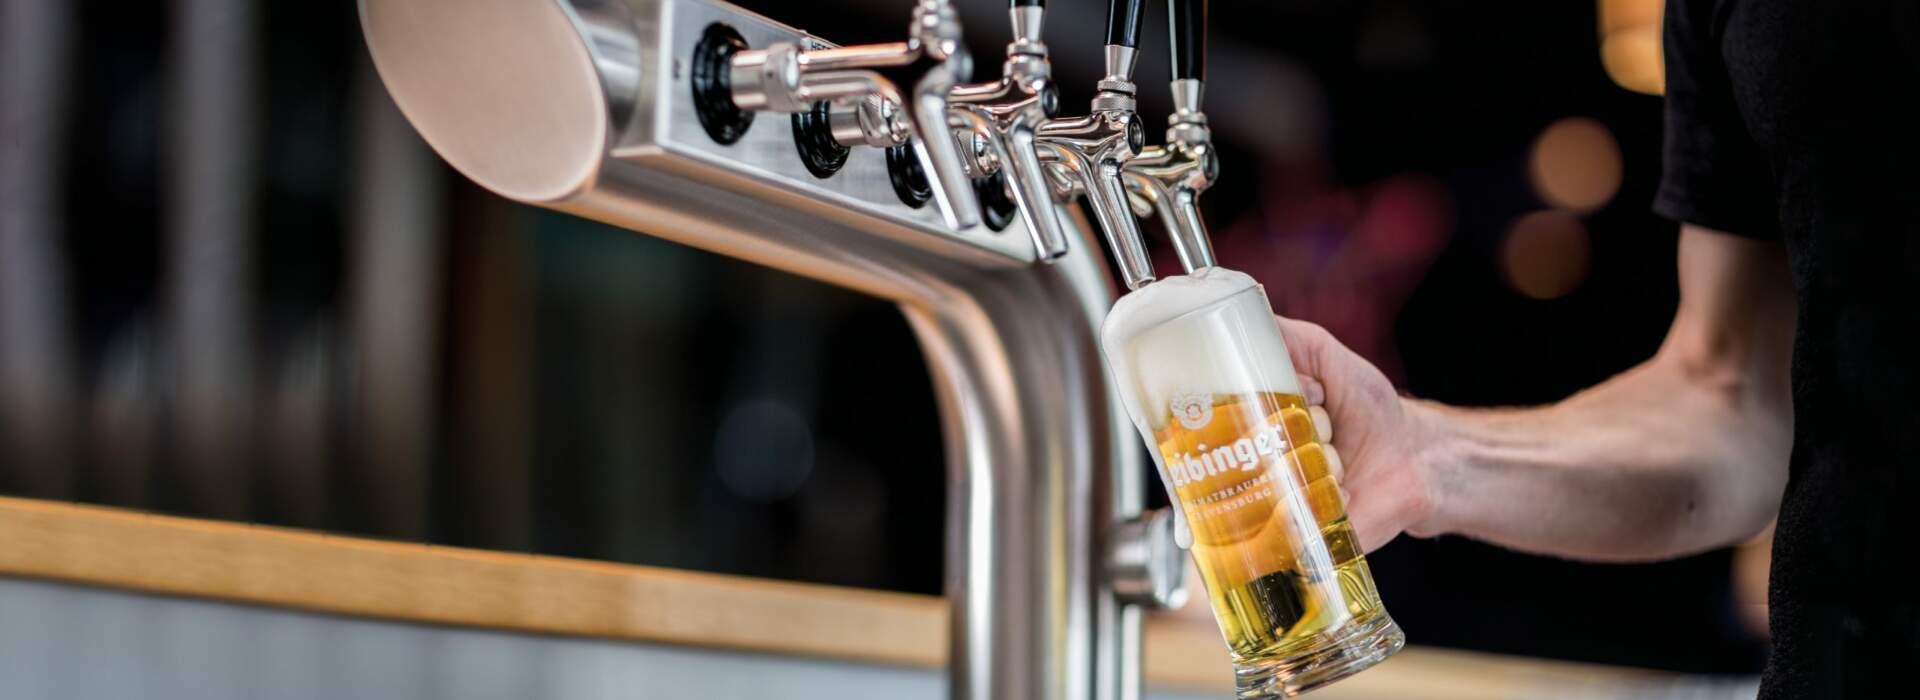 Frisch gezapftes Leibinger Bier